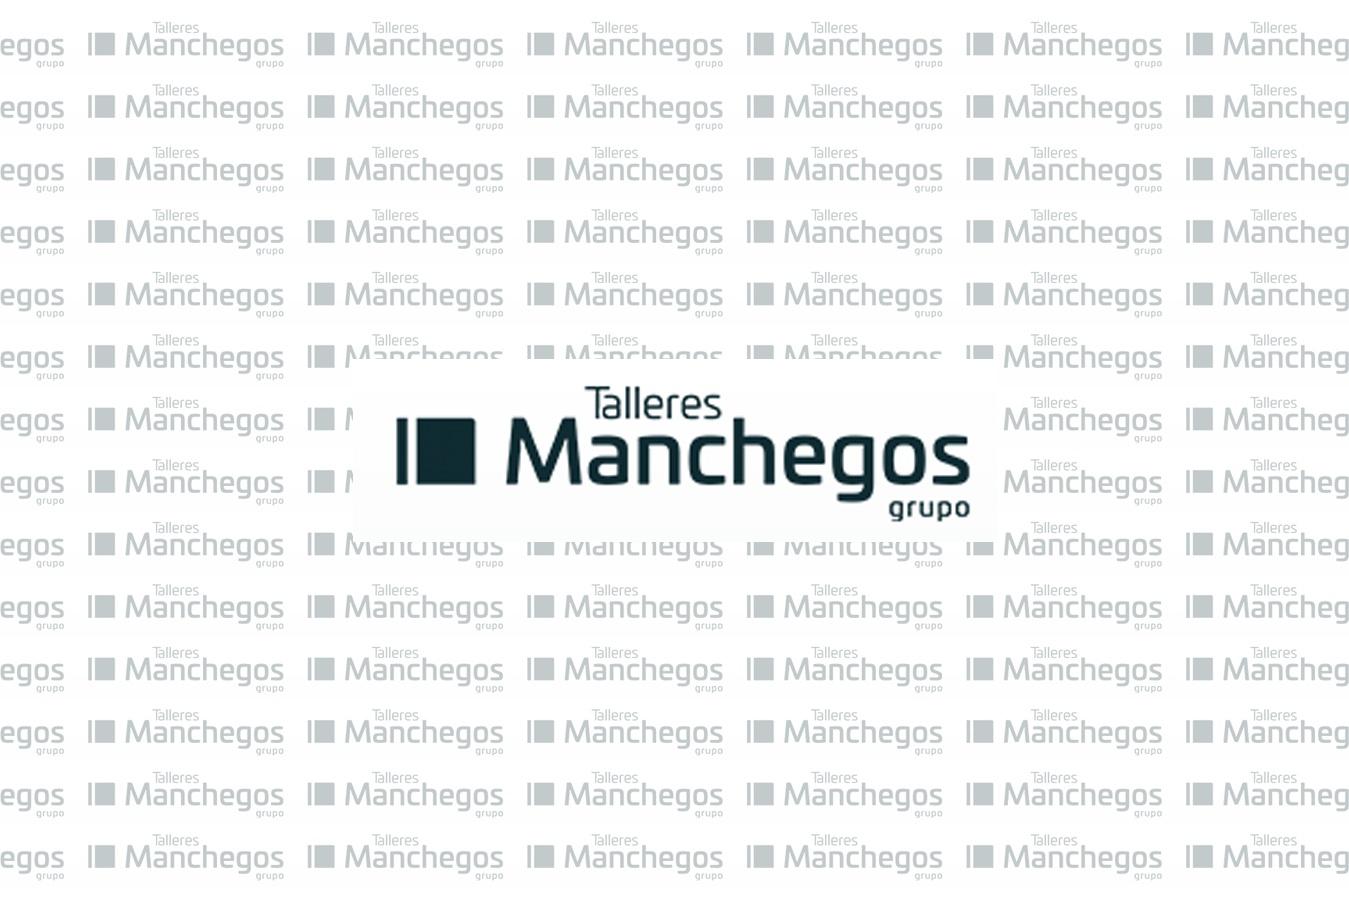 Talleres Manchegos gestión y mantenimiento de redes sociales